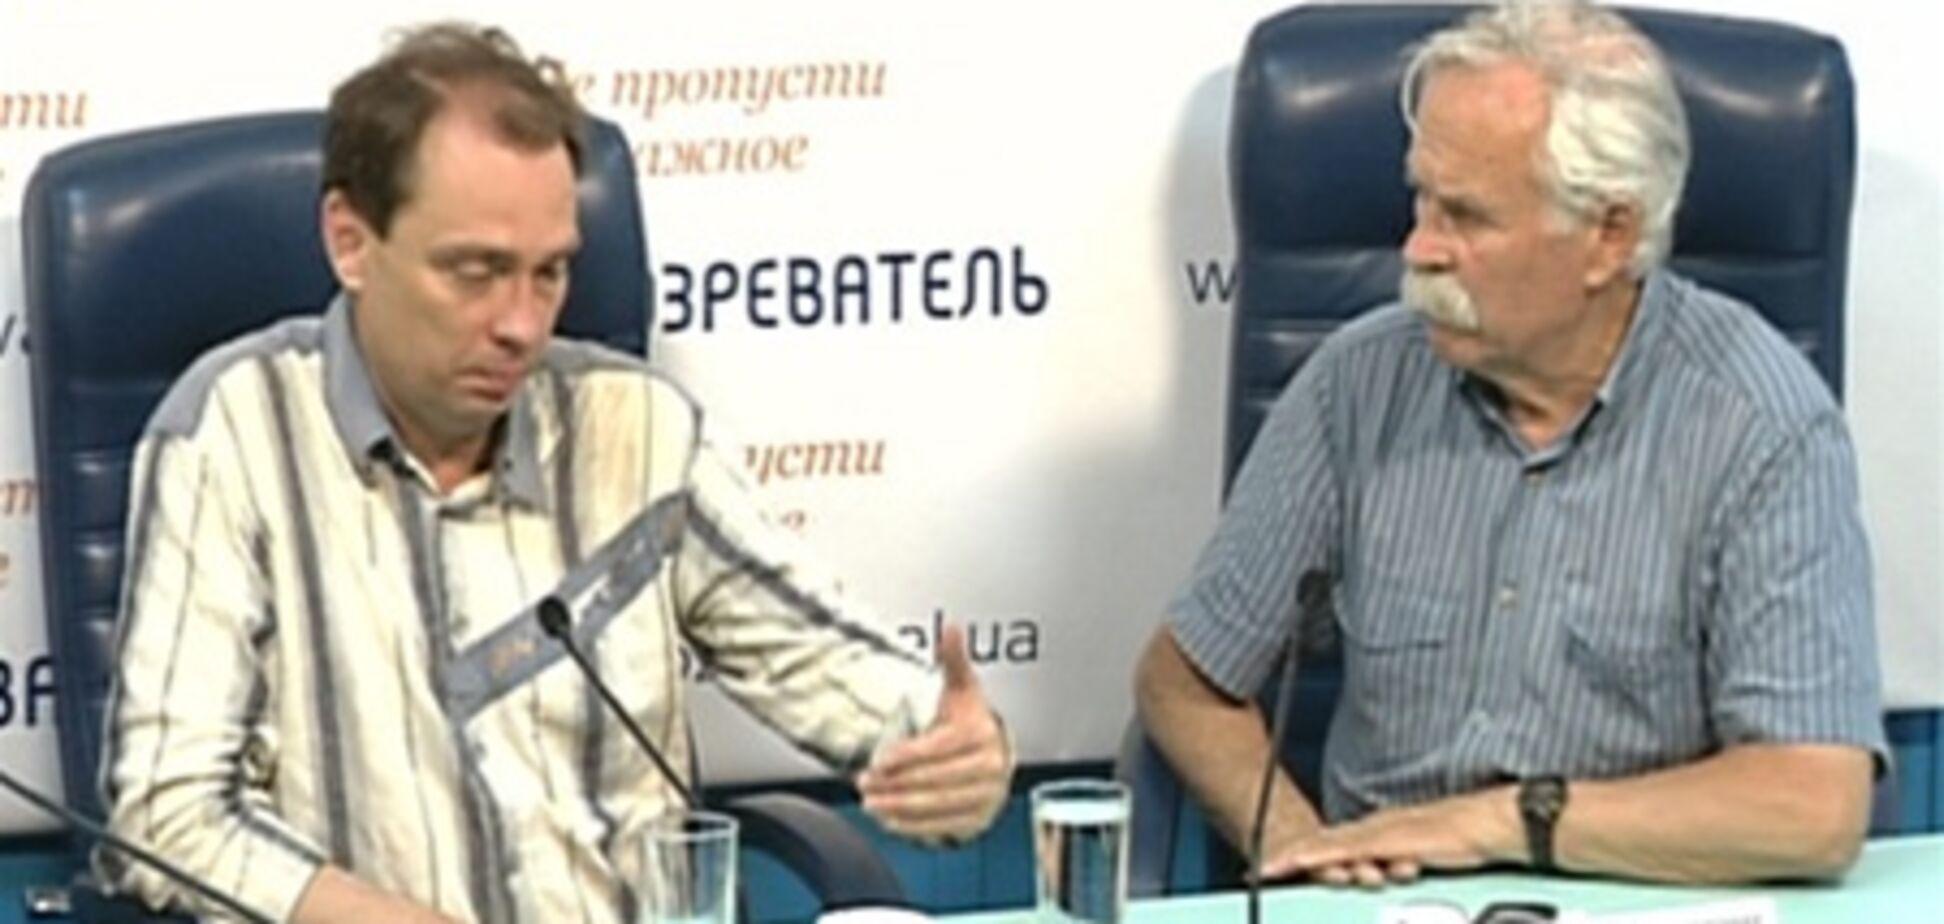 18 мая киевляне увидят 'войну в песочнице' - эксперт